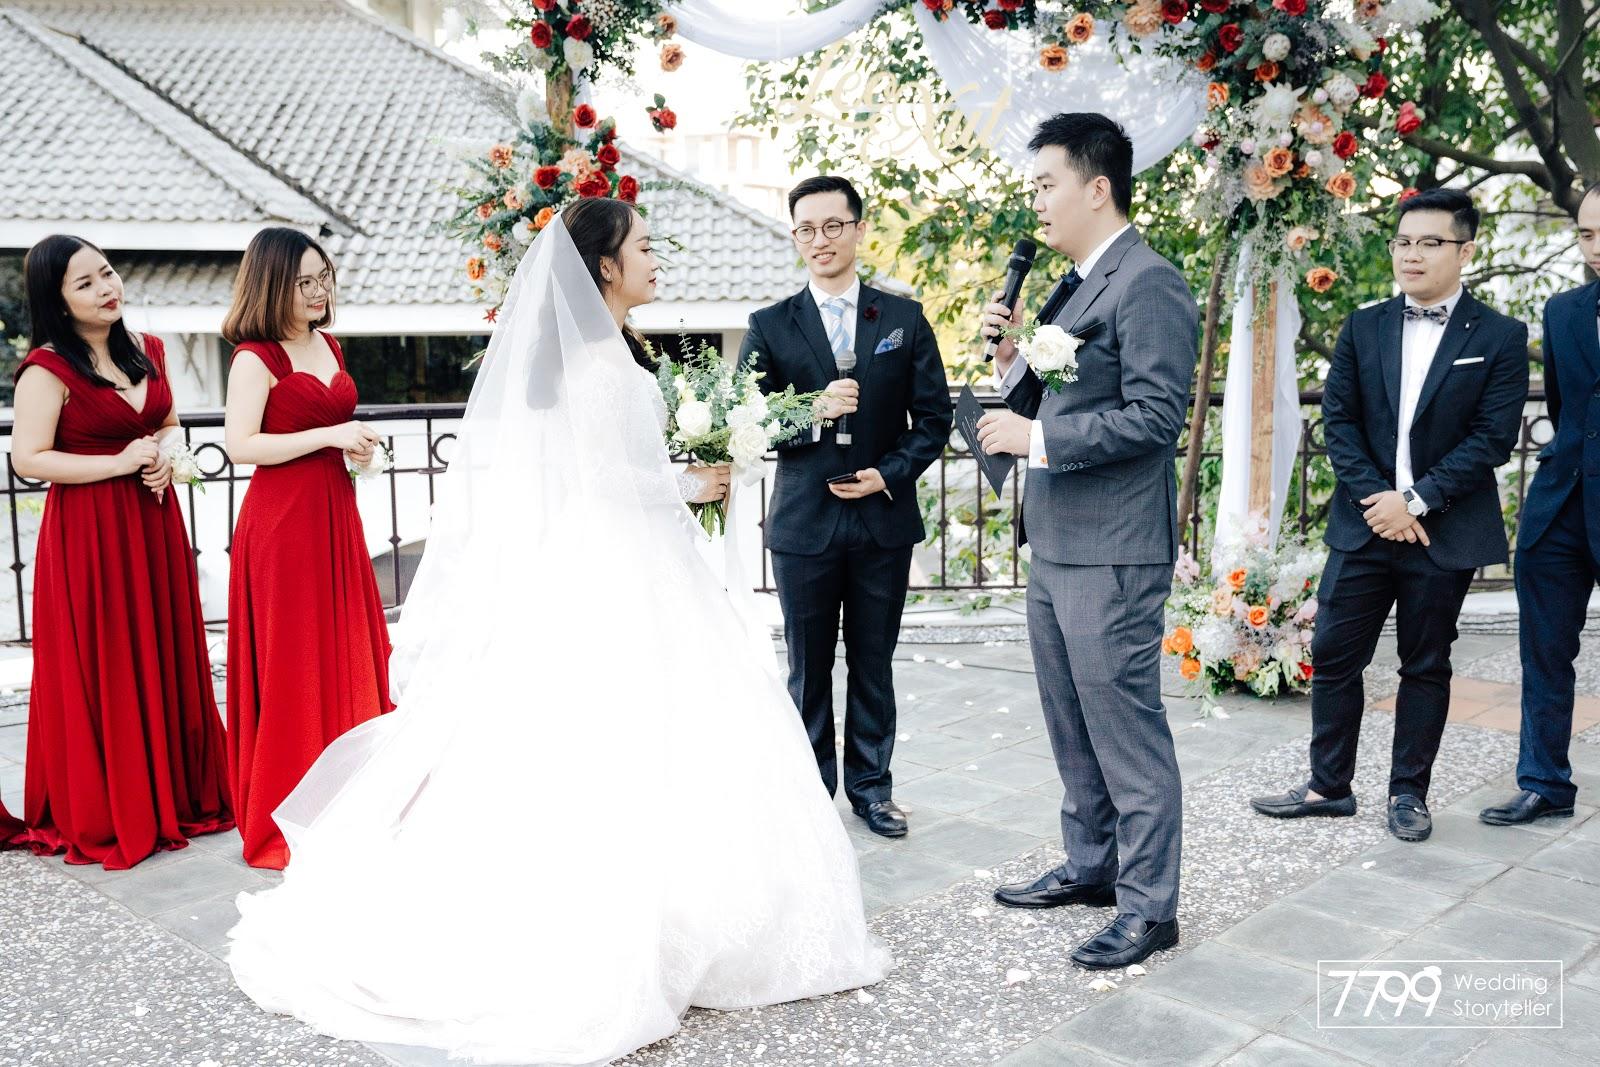 Đám cưới Việt Nam - Nghi thức thề nguyện